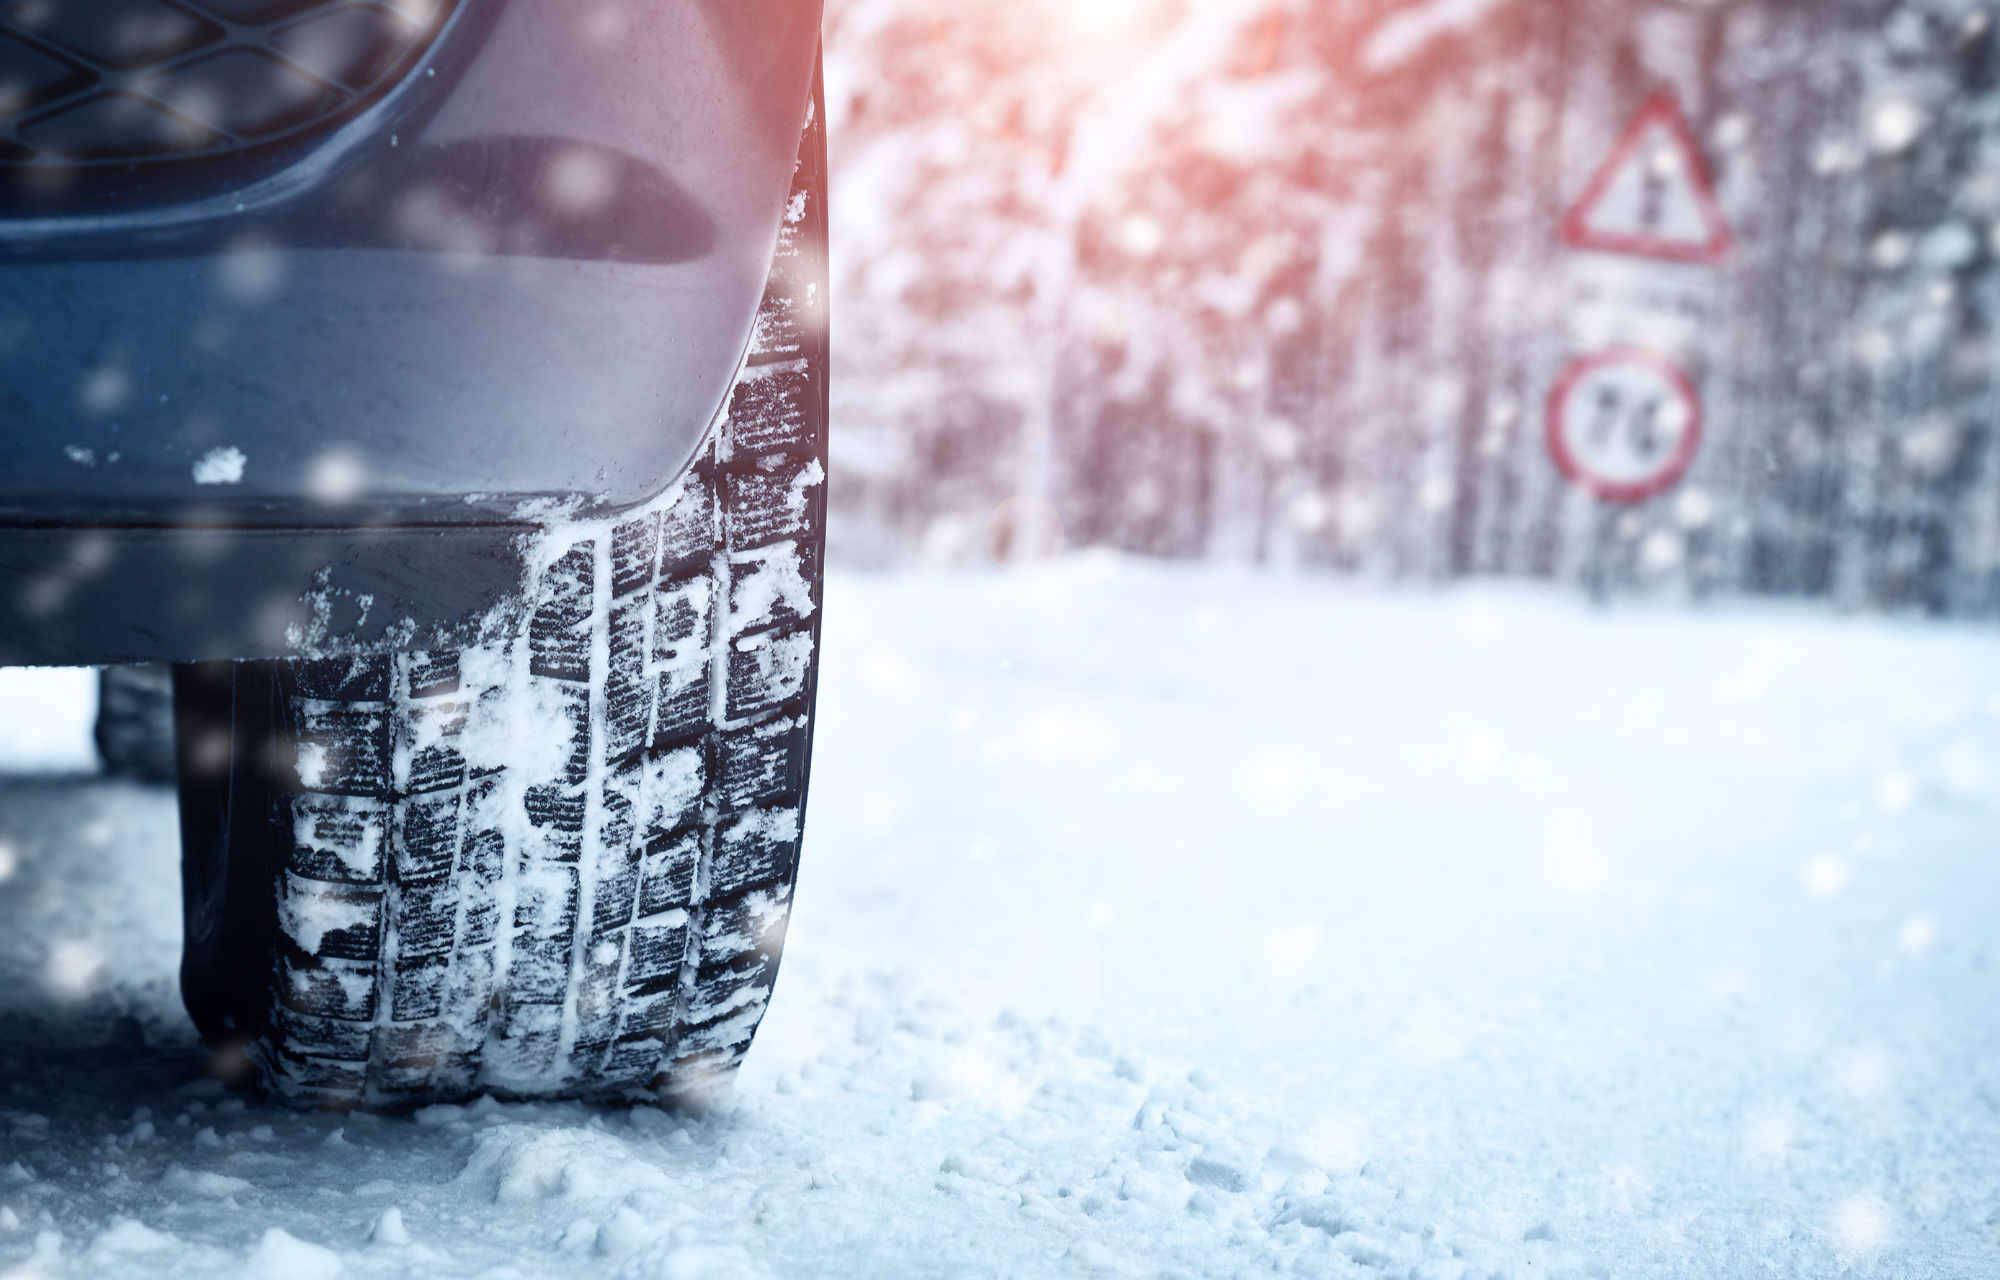 Pneus hiver ? Nos conseils pour un hiver en toute sérénité !